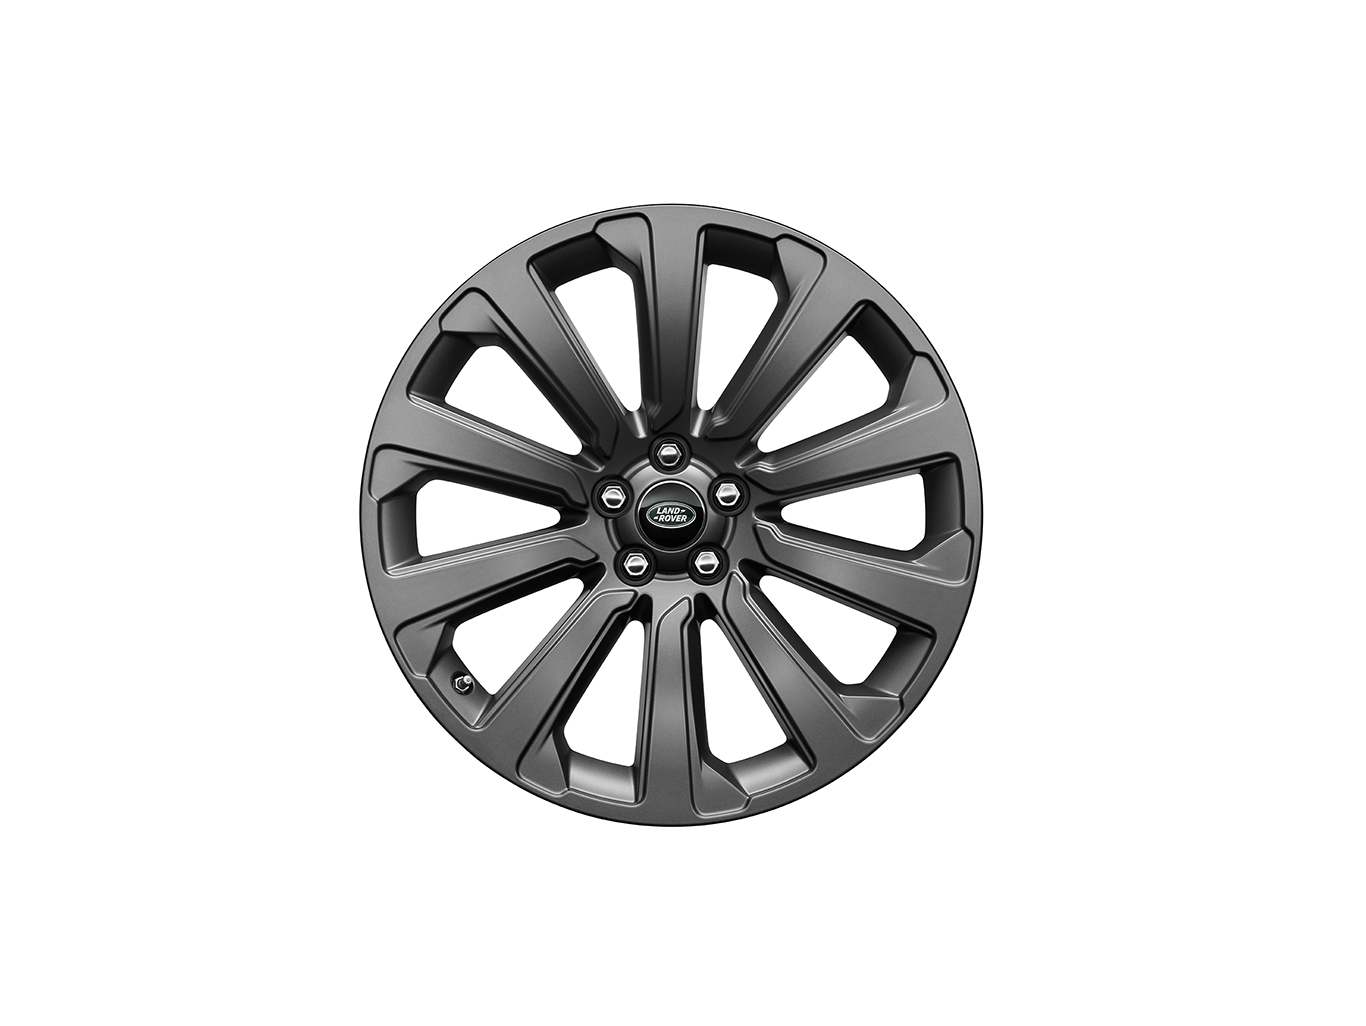 Колесный диск R21 Style 1033 Gloss Black Finish для Range Rover Velar